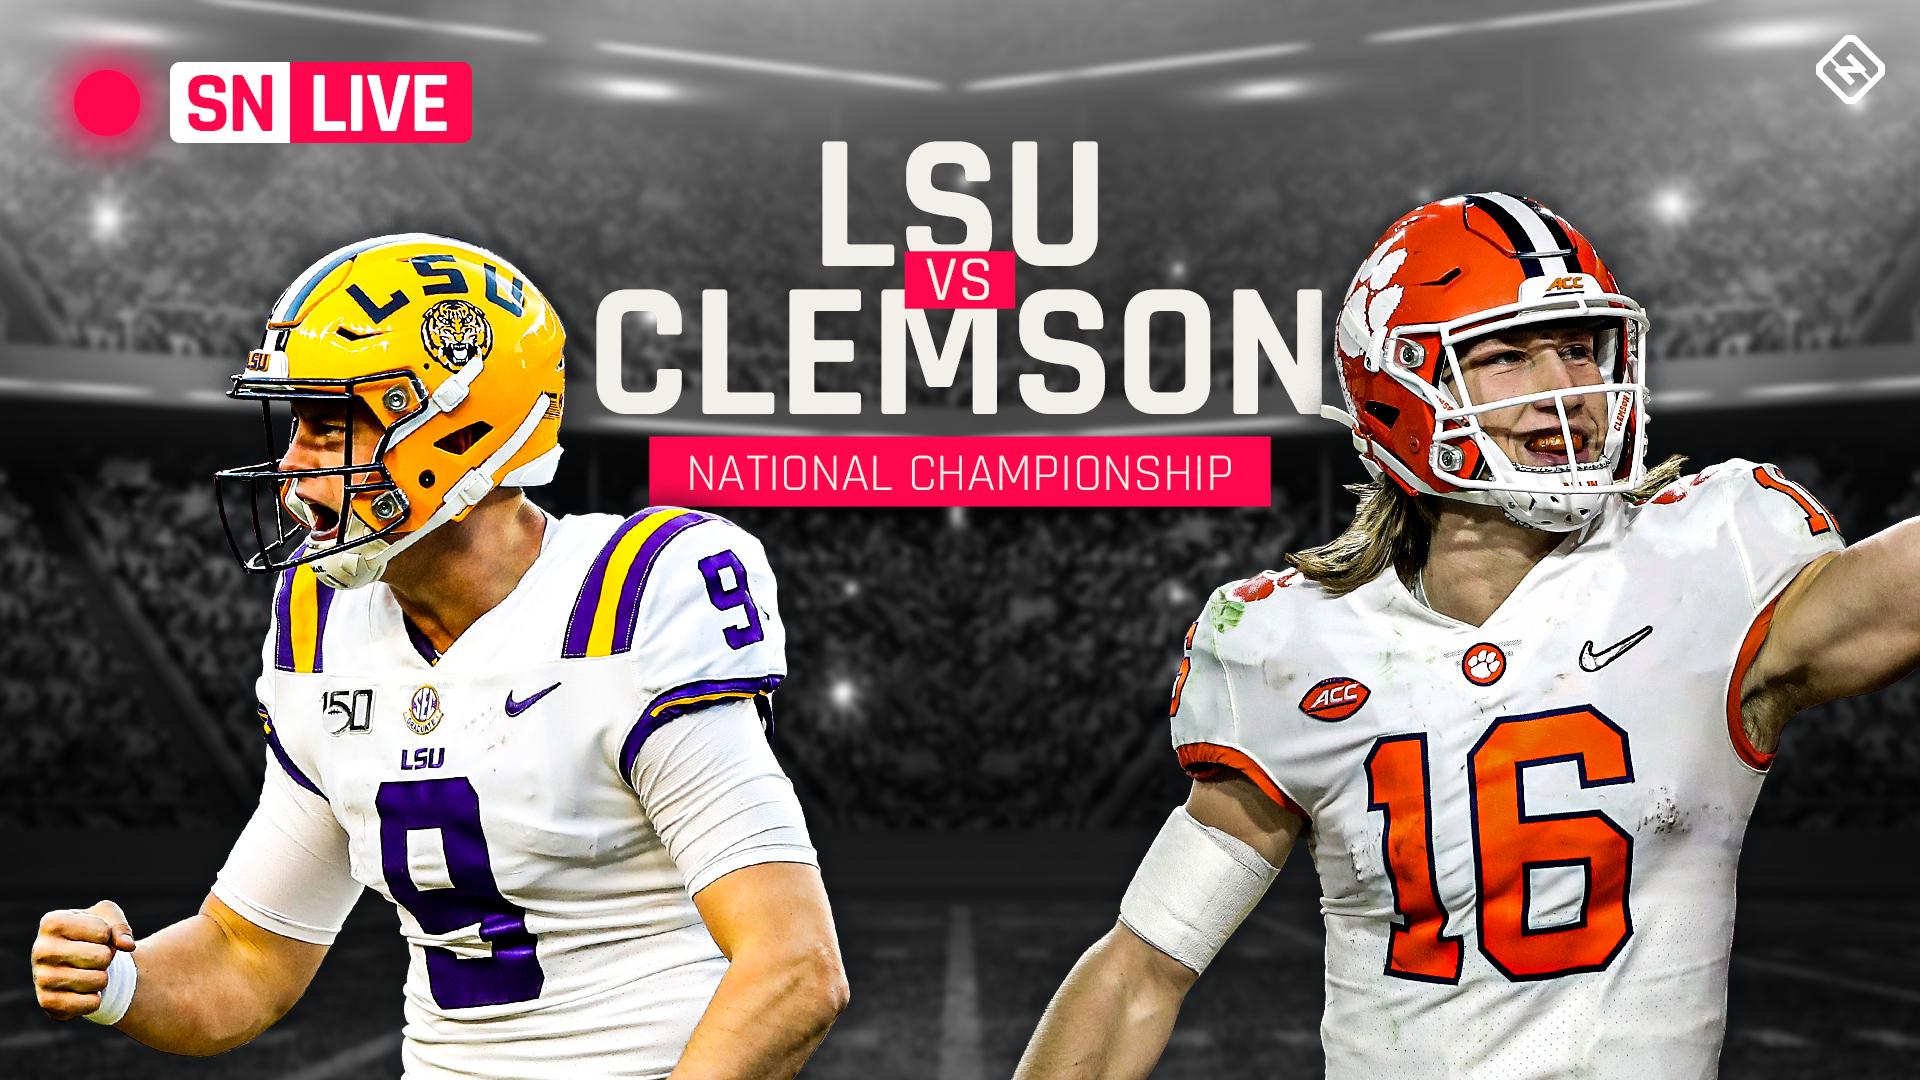 LSU vs Clemson marcador en vivo, actualizaciones, destacados del campeonato de fútbol americano universitario Playoff 2020 2